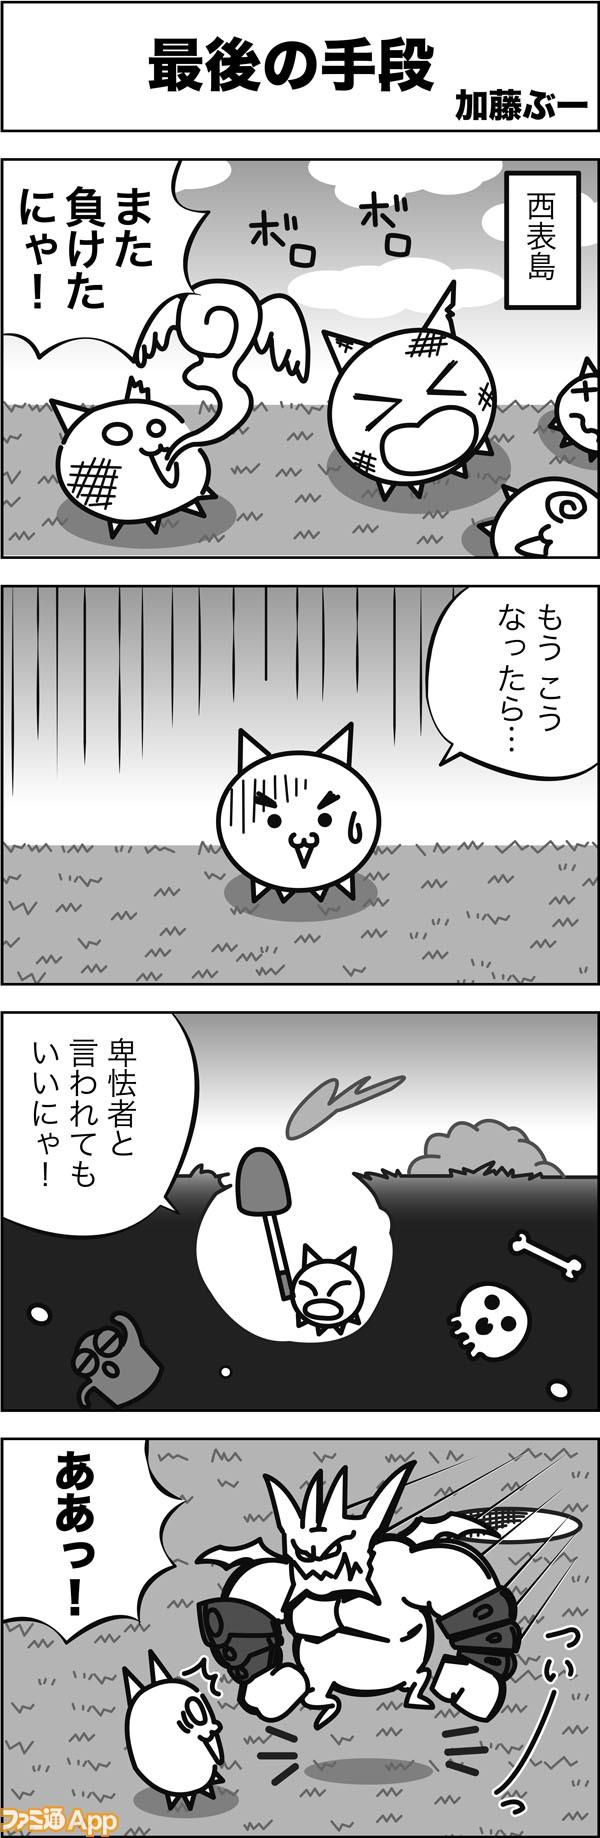 04kato-067